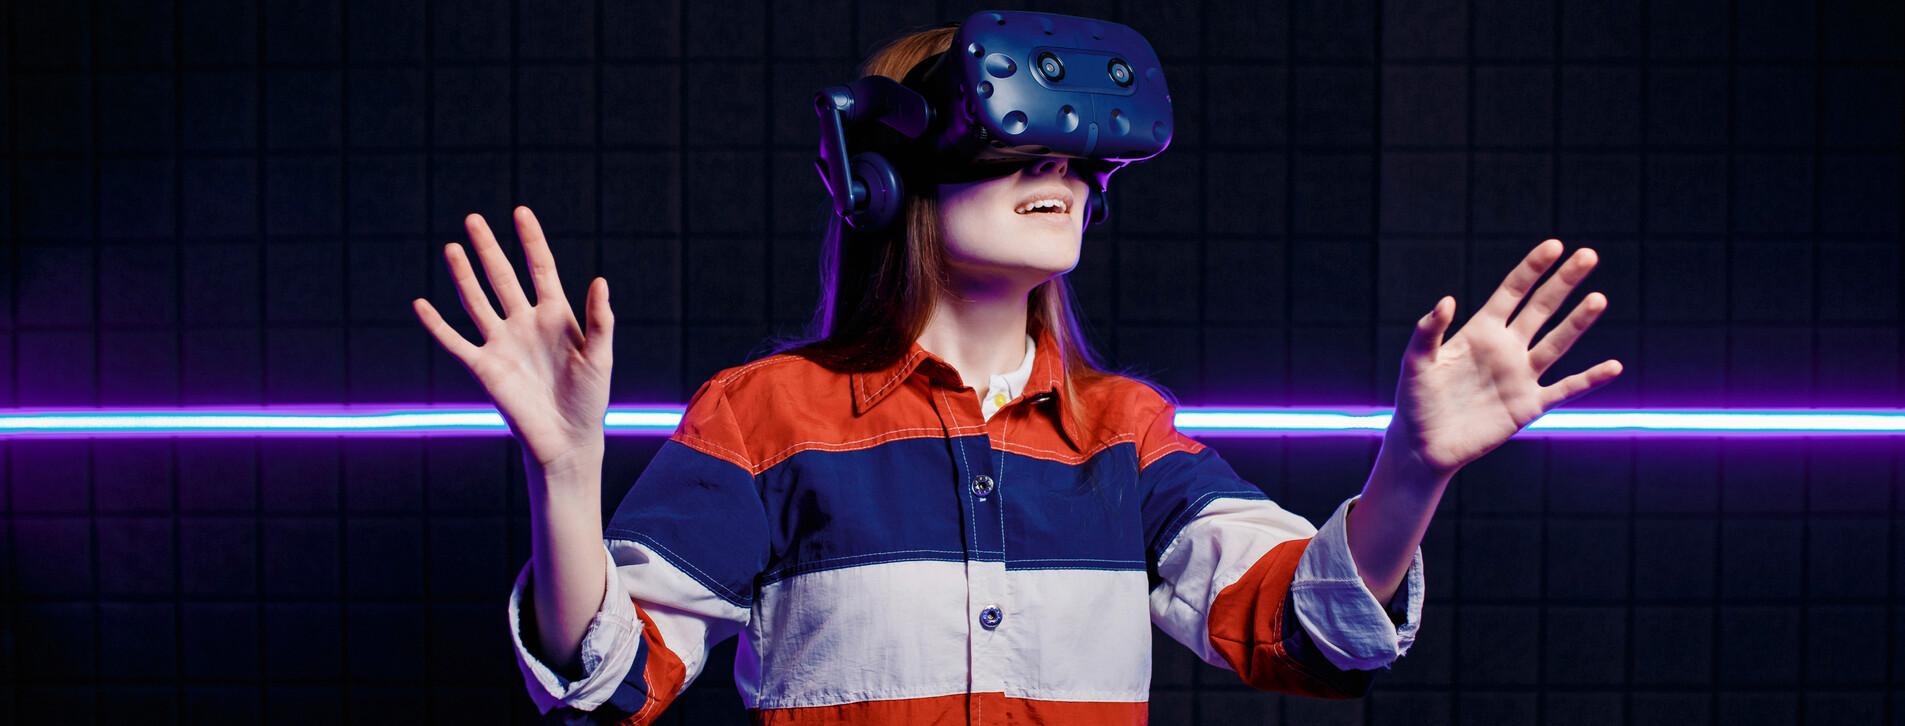 Фото 1 - VR-квест для компанії